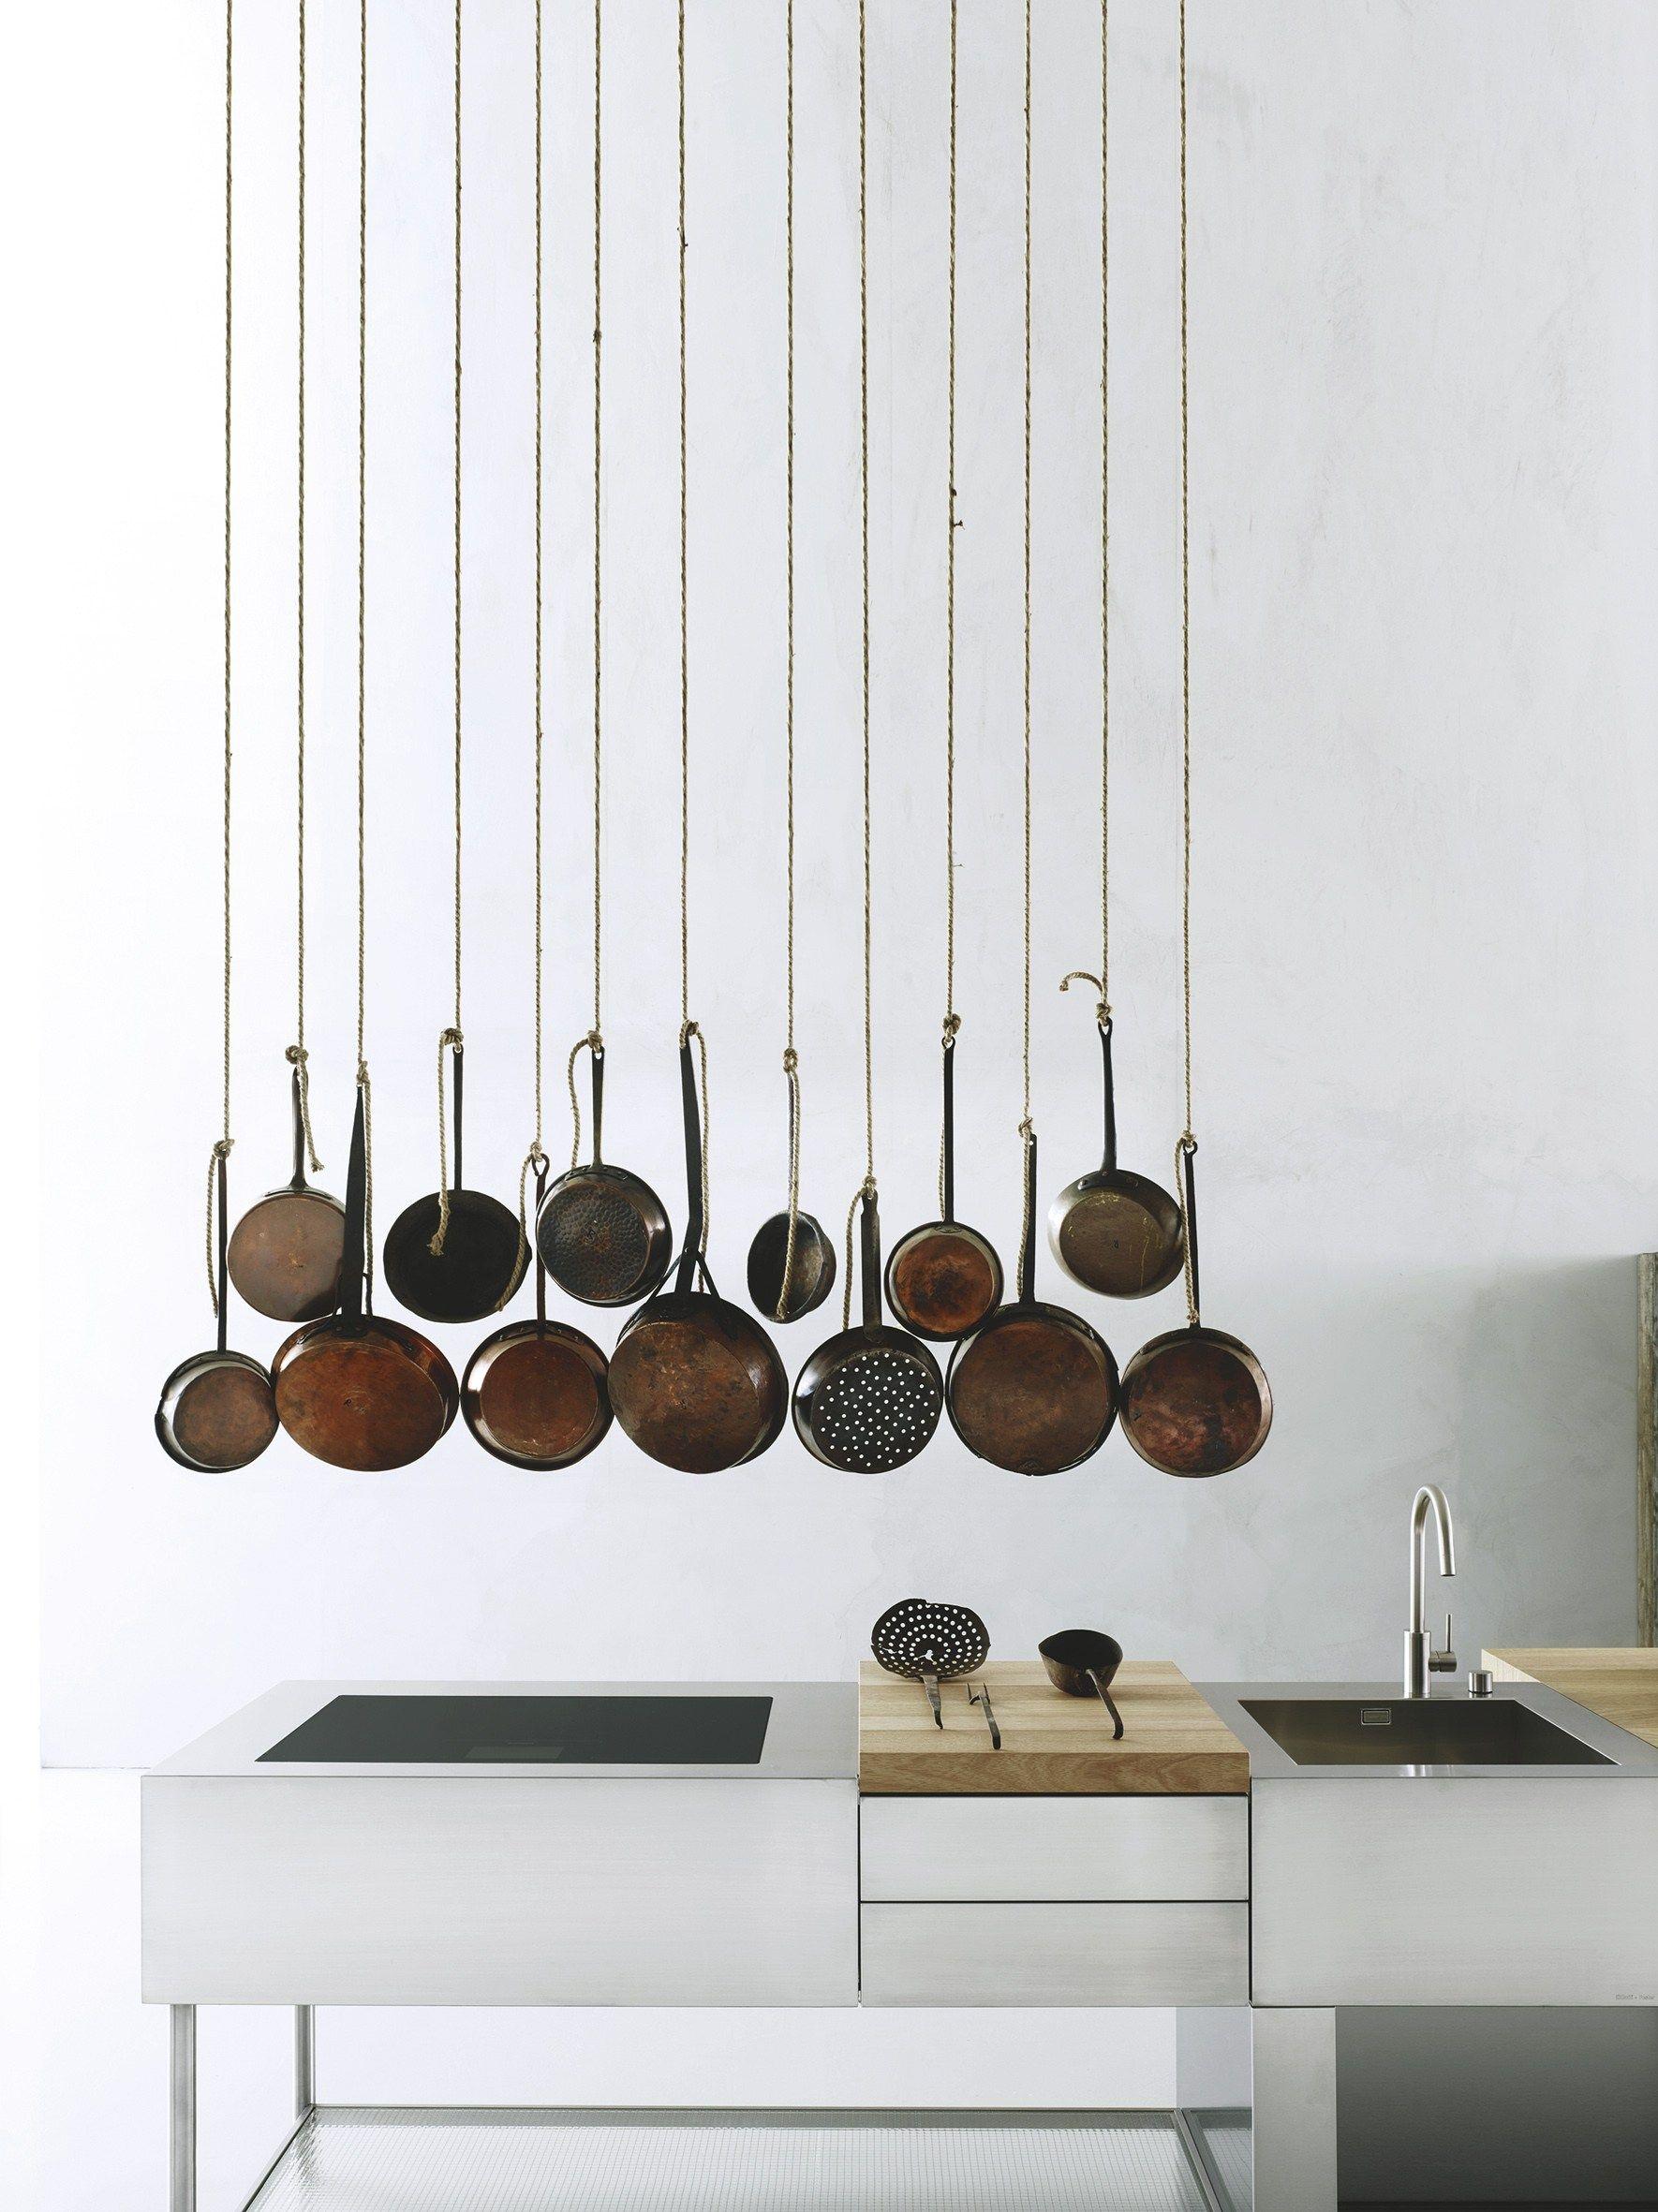 Cucina da interno e da esterno OPEN by Boffi design Piero Lissoni ...